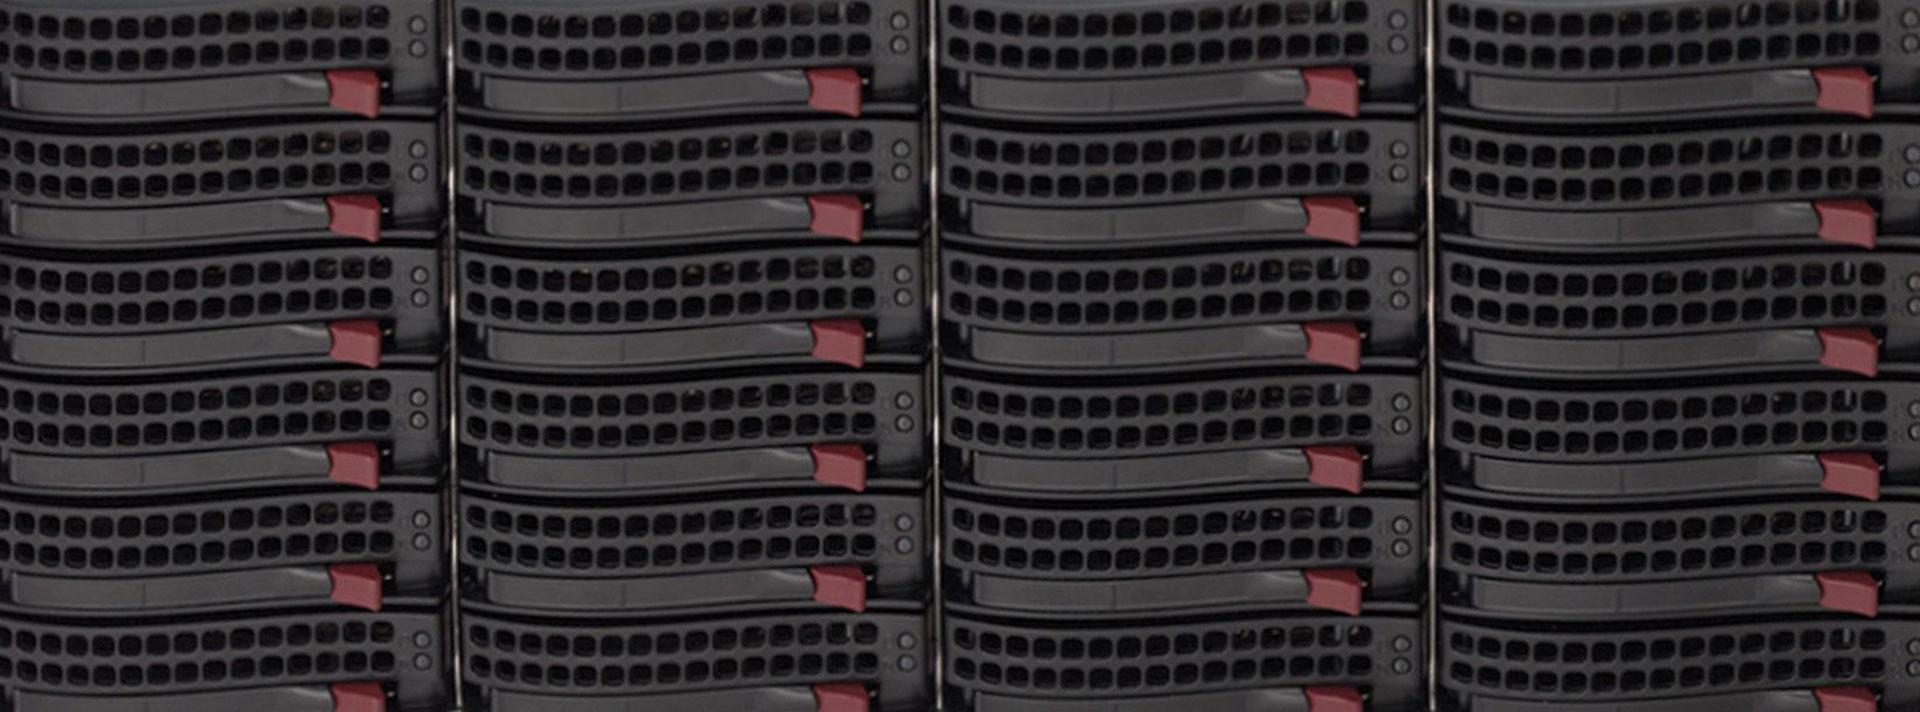 Datensicherheit und Backup